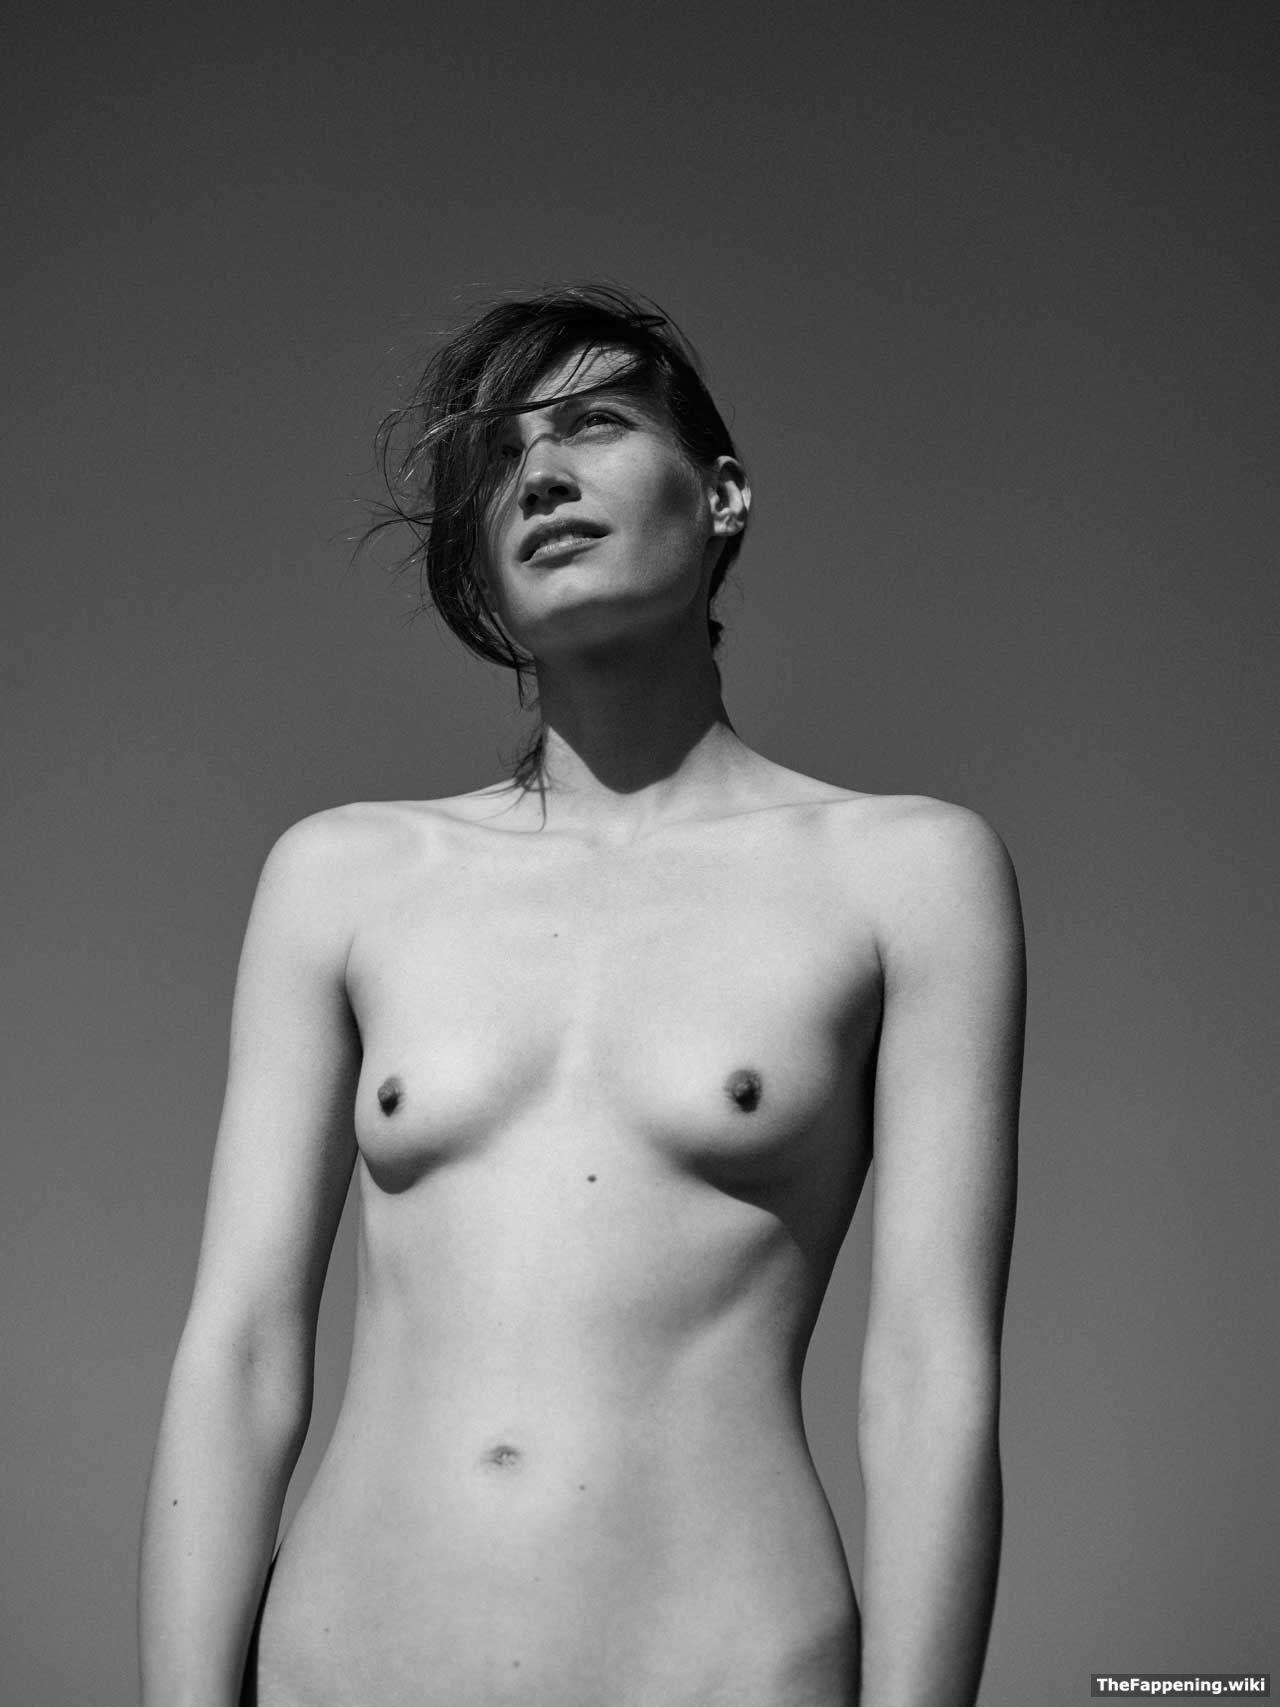 Drake burnette naked 7 Photos naked (85 pics)